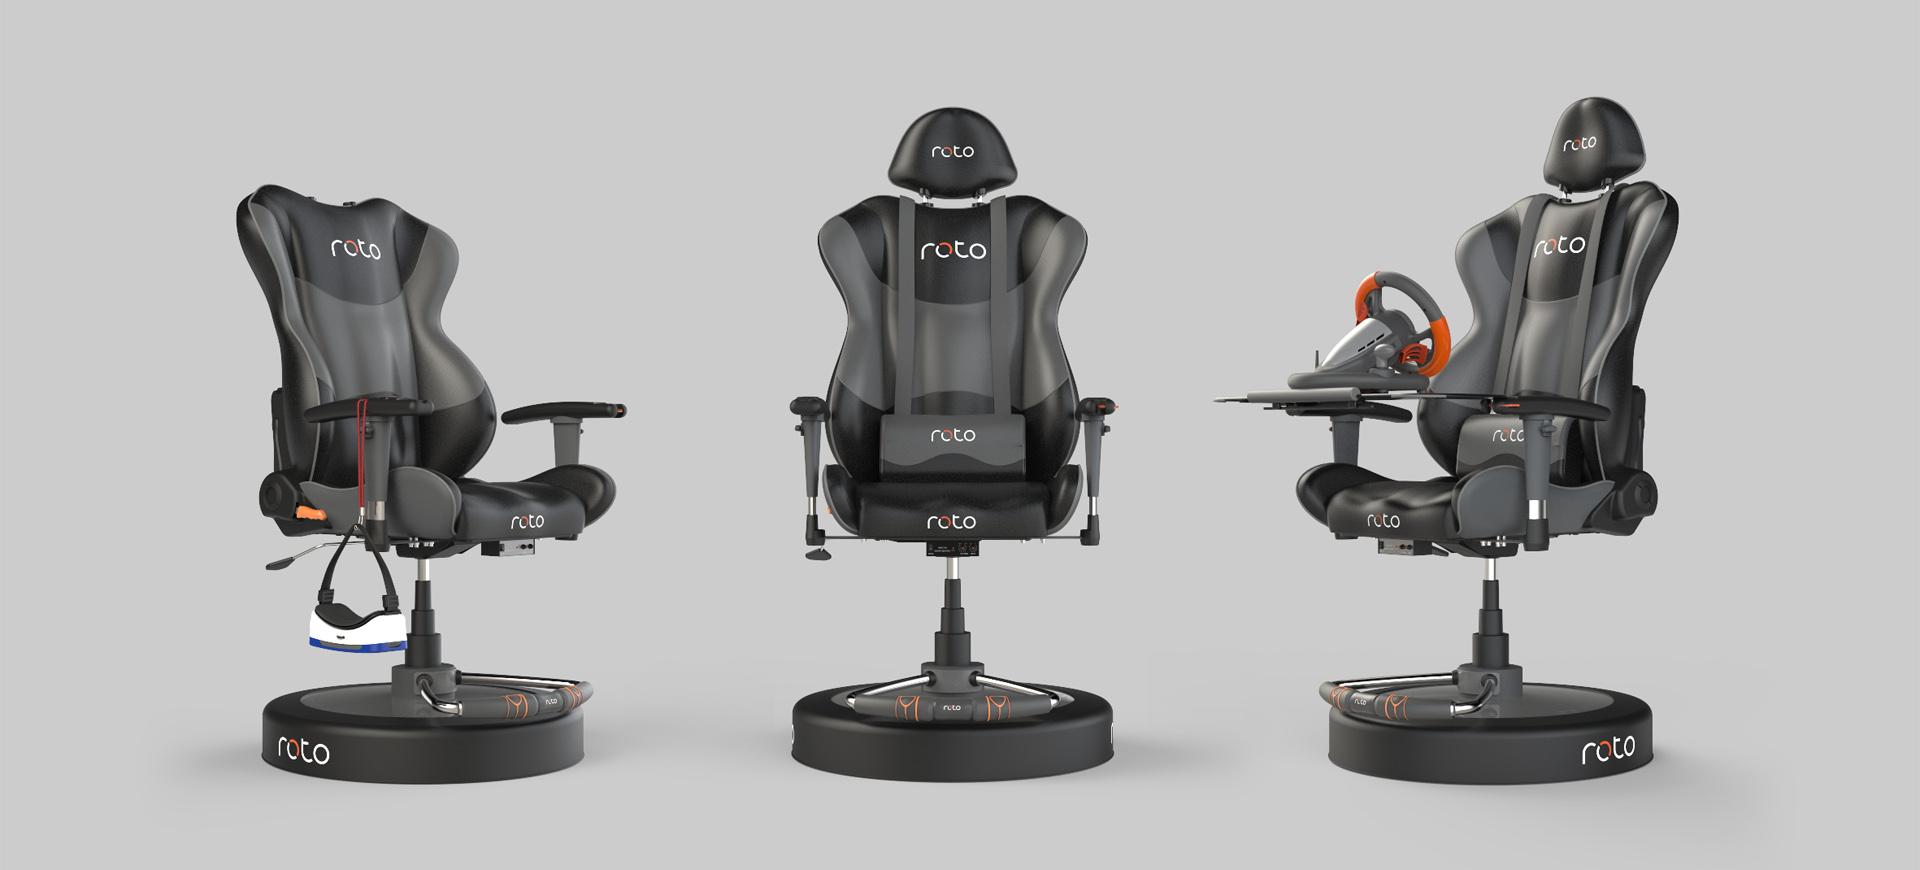 Roto VR Chair – chiếc ghế đến từ bộ phim Ready Player One – chính thức được mở bán – Tin Gaming Gear